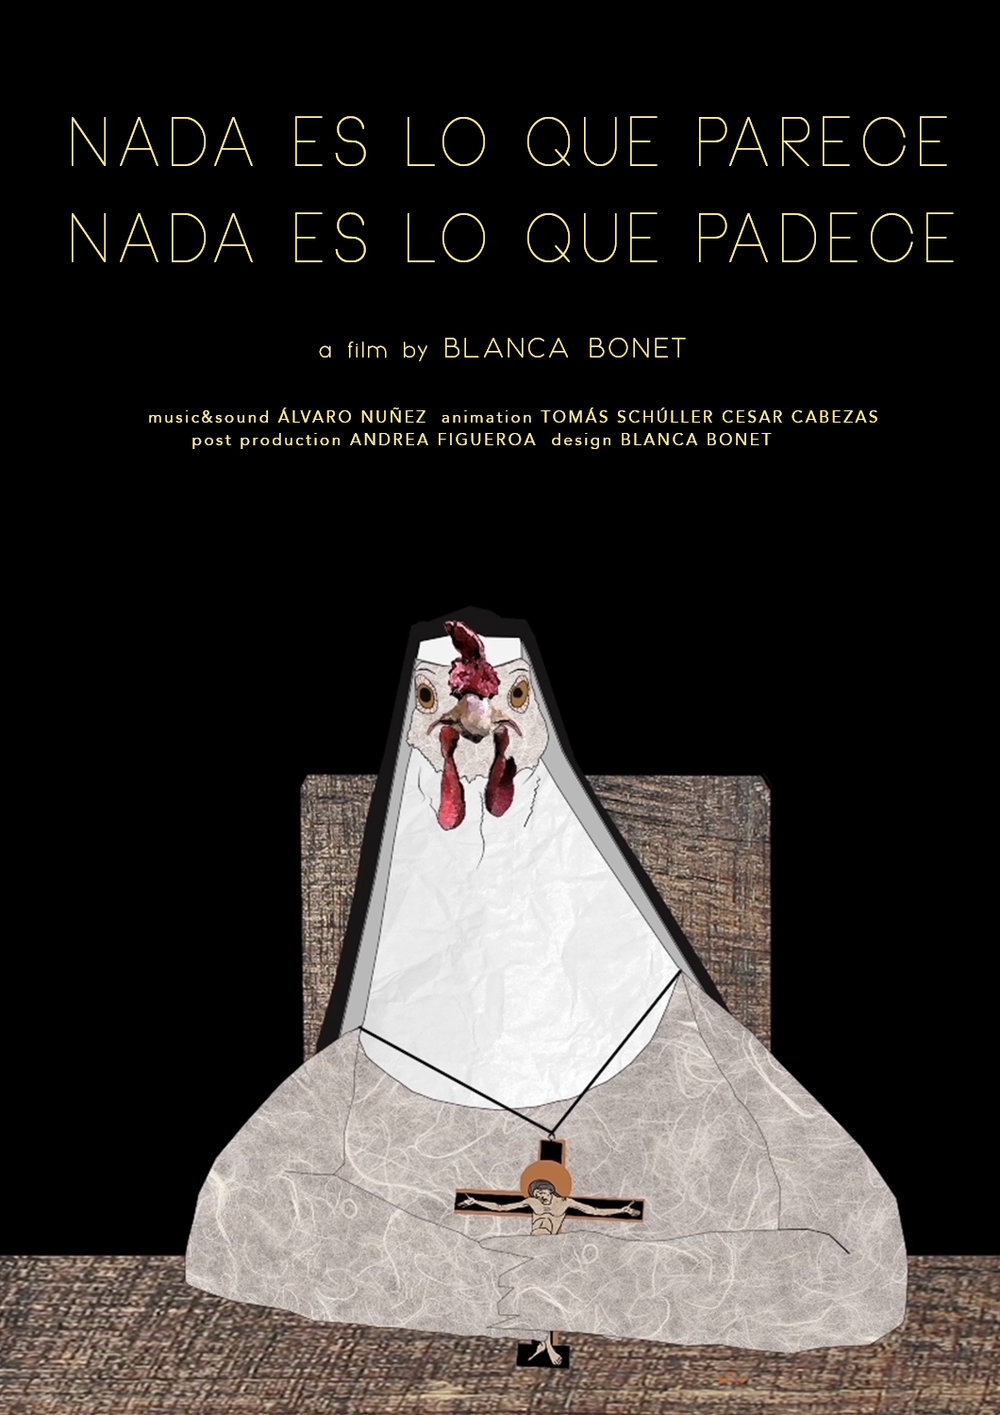 NELQP poster.jpg